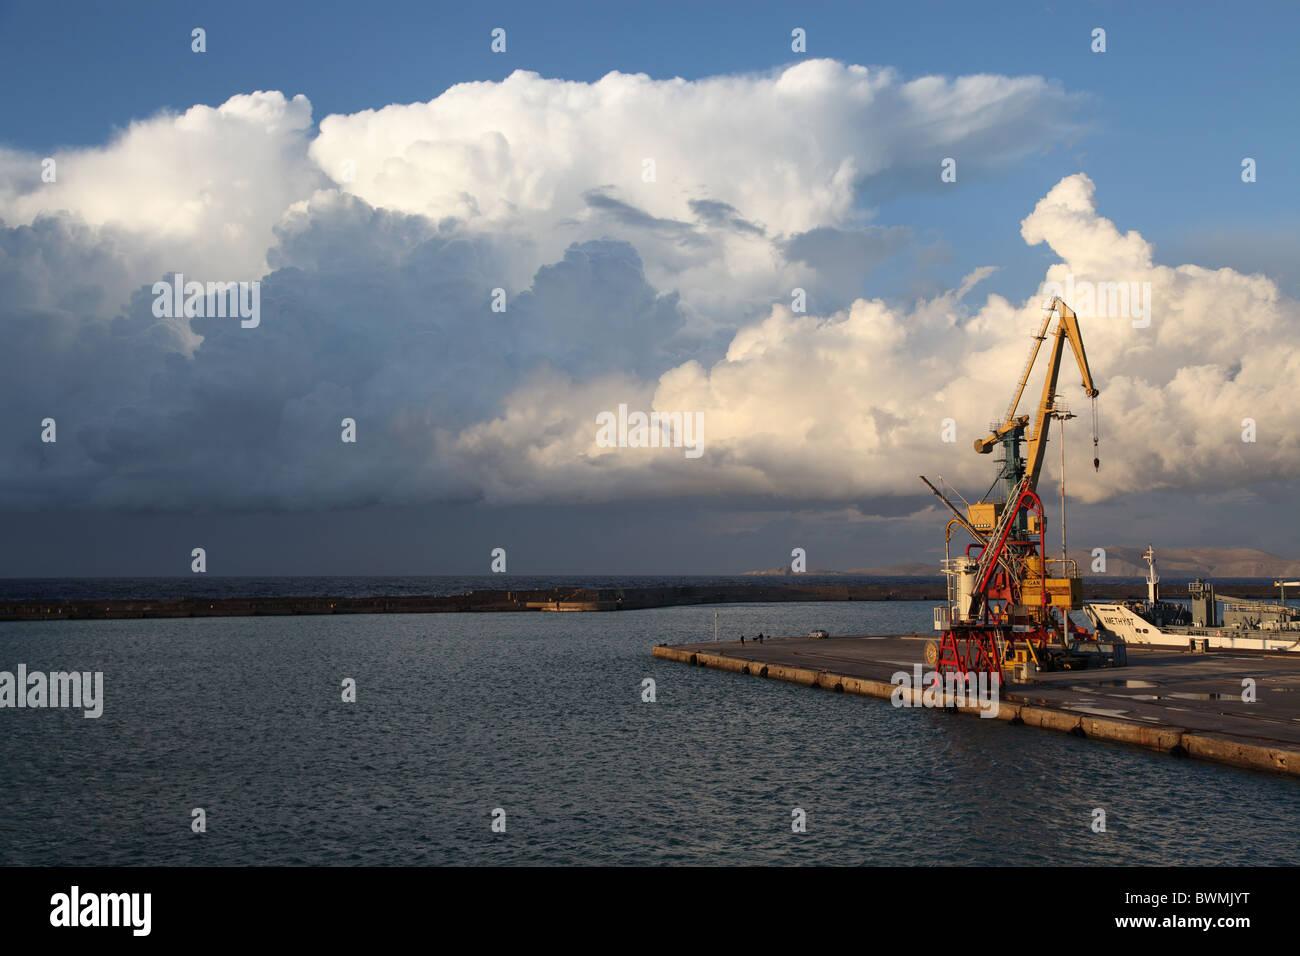 Cumulonimbus Clouds over Mediterranean - Stock Image